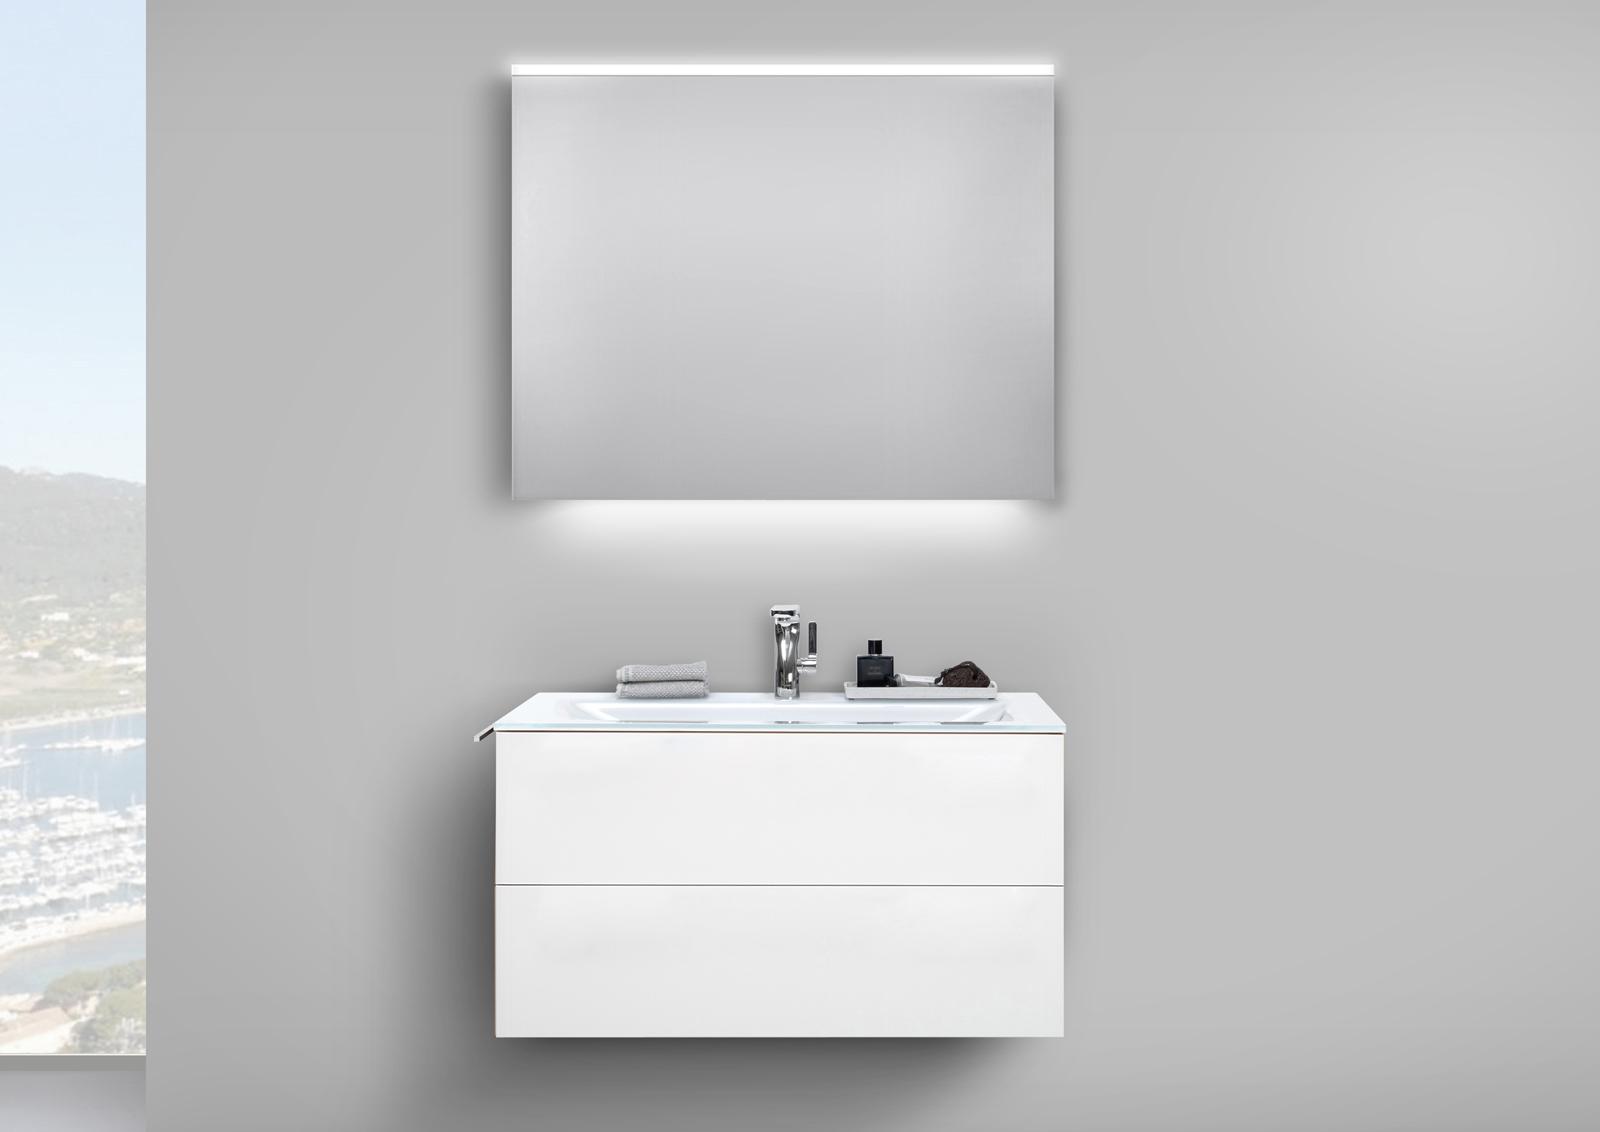 glaswaschtisch 90 cm badm bel grifflos unterschrank mit led lichtspiegel wei hochglanz. Black Bedroom Furniture Sets. Home Design Ideas